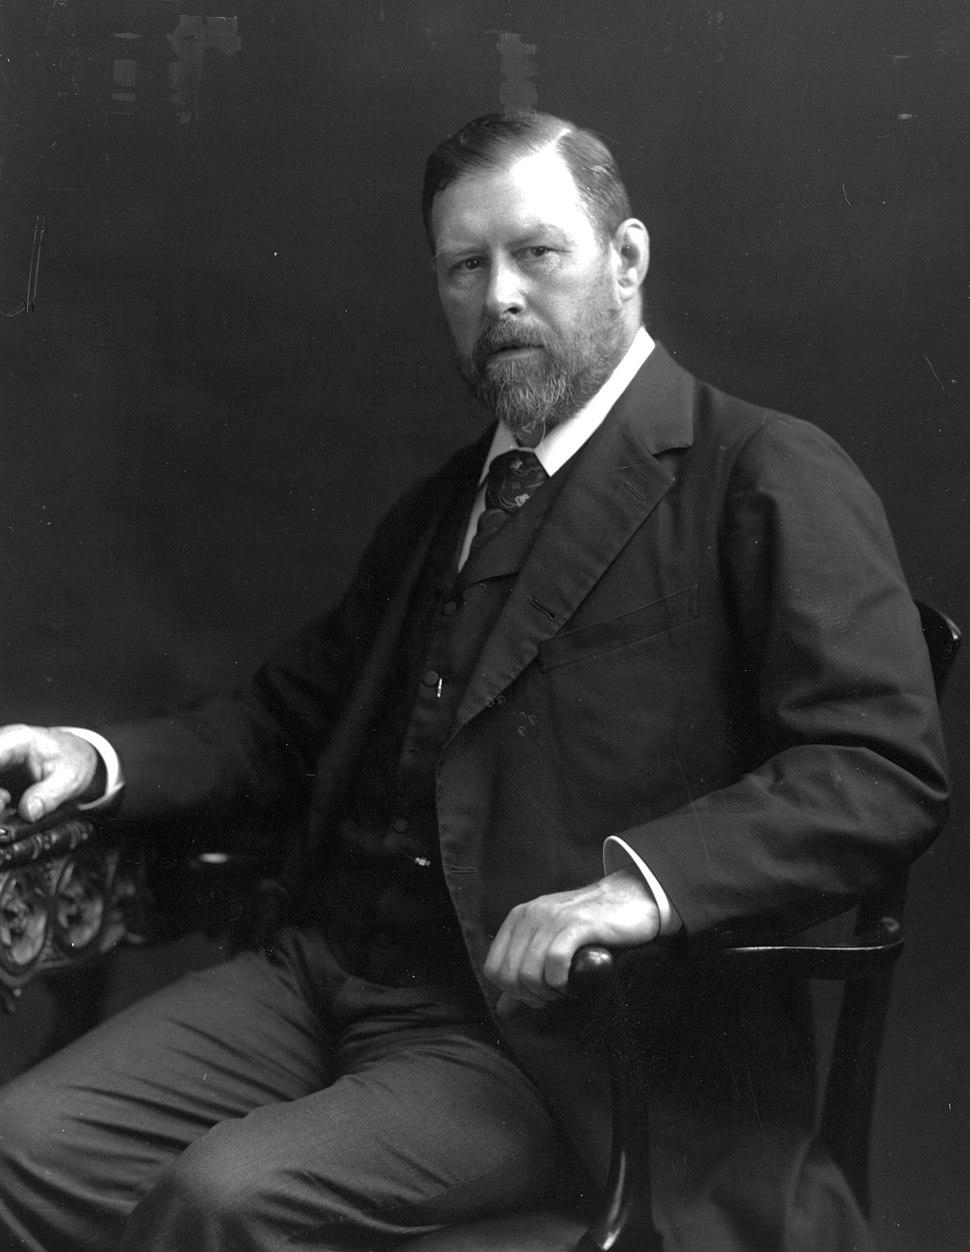 Bram Stoker 1906